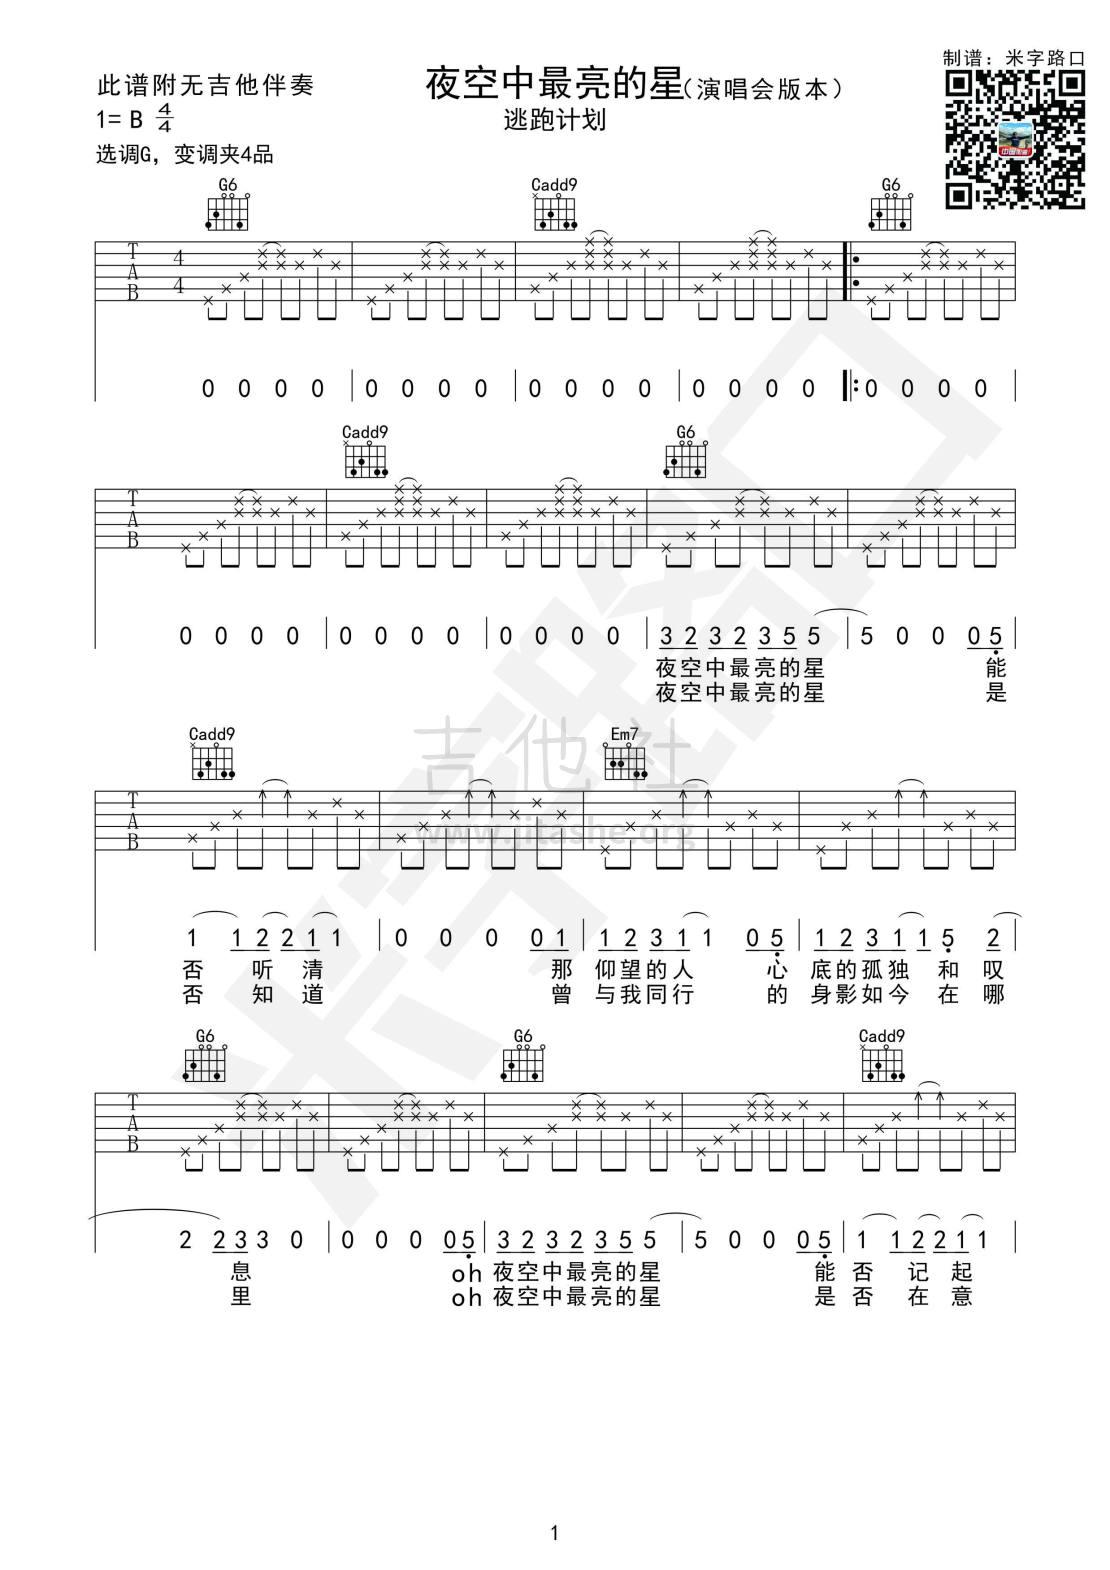 夜空中最亮的星(演唱会)吉他谱(图片谱,弹唱)_逃跑计划_1.jpg